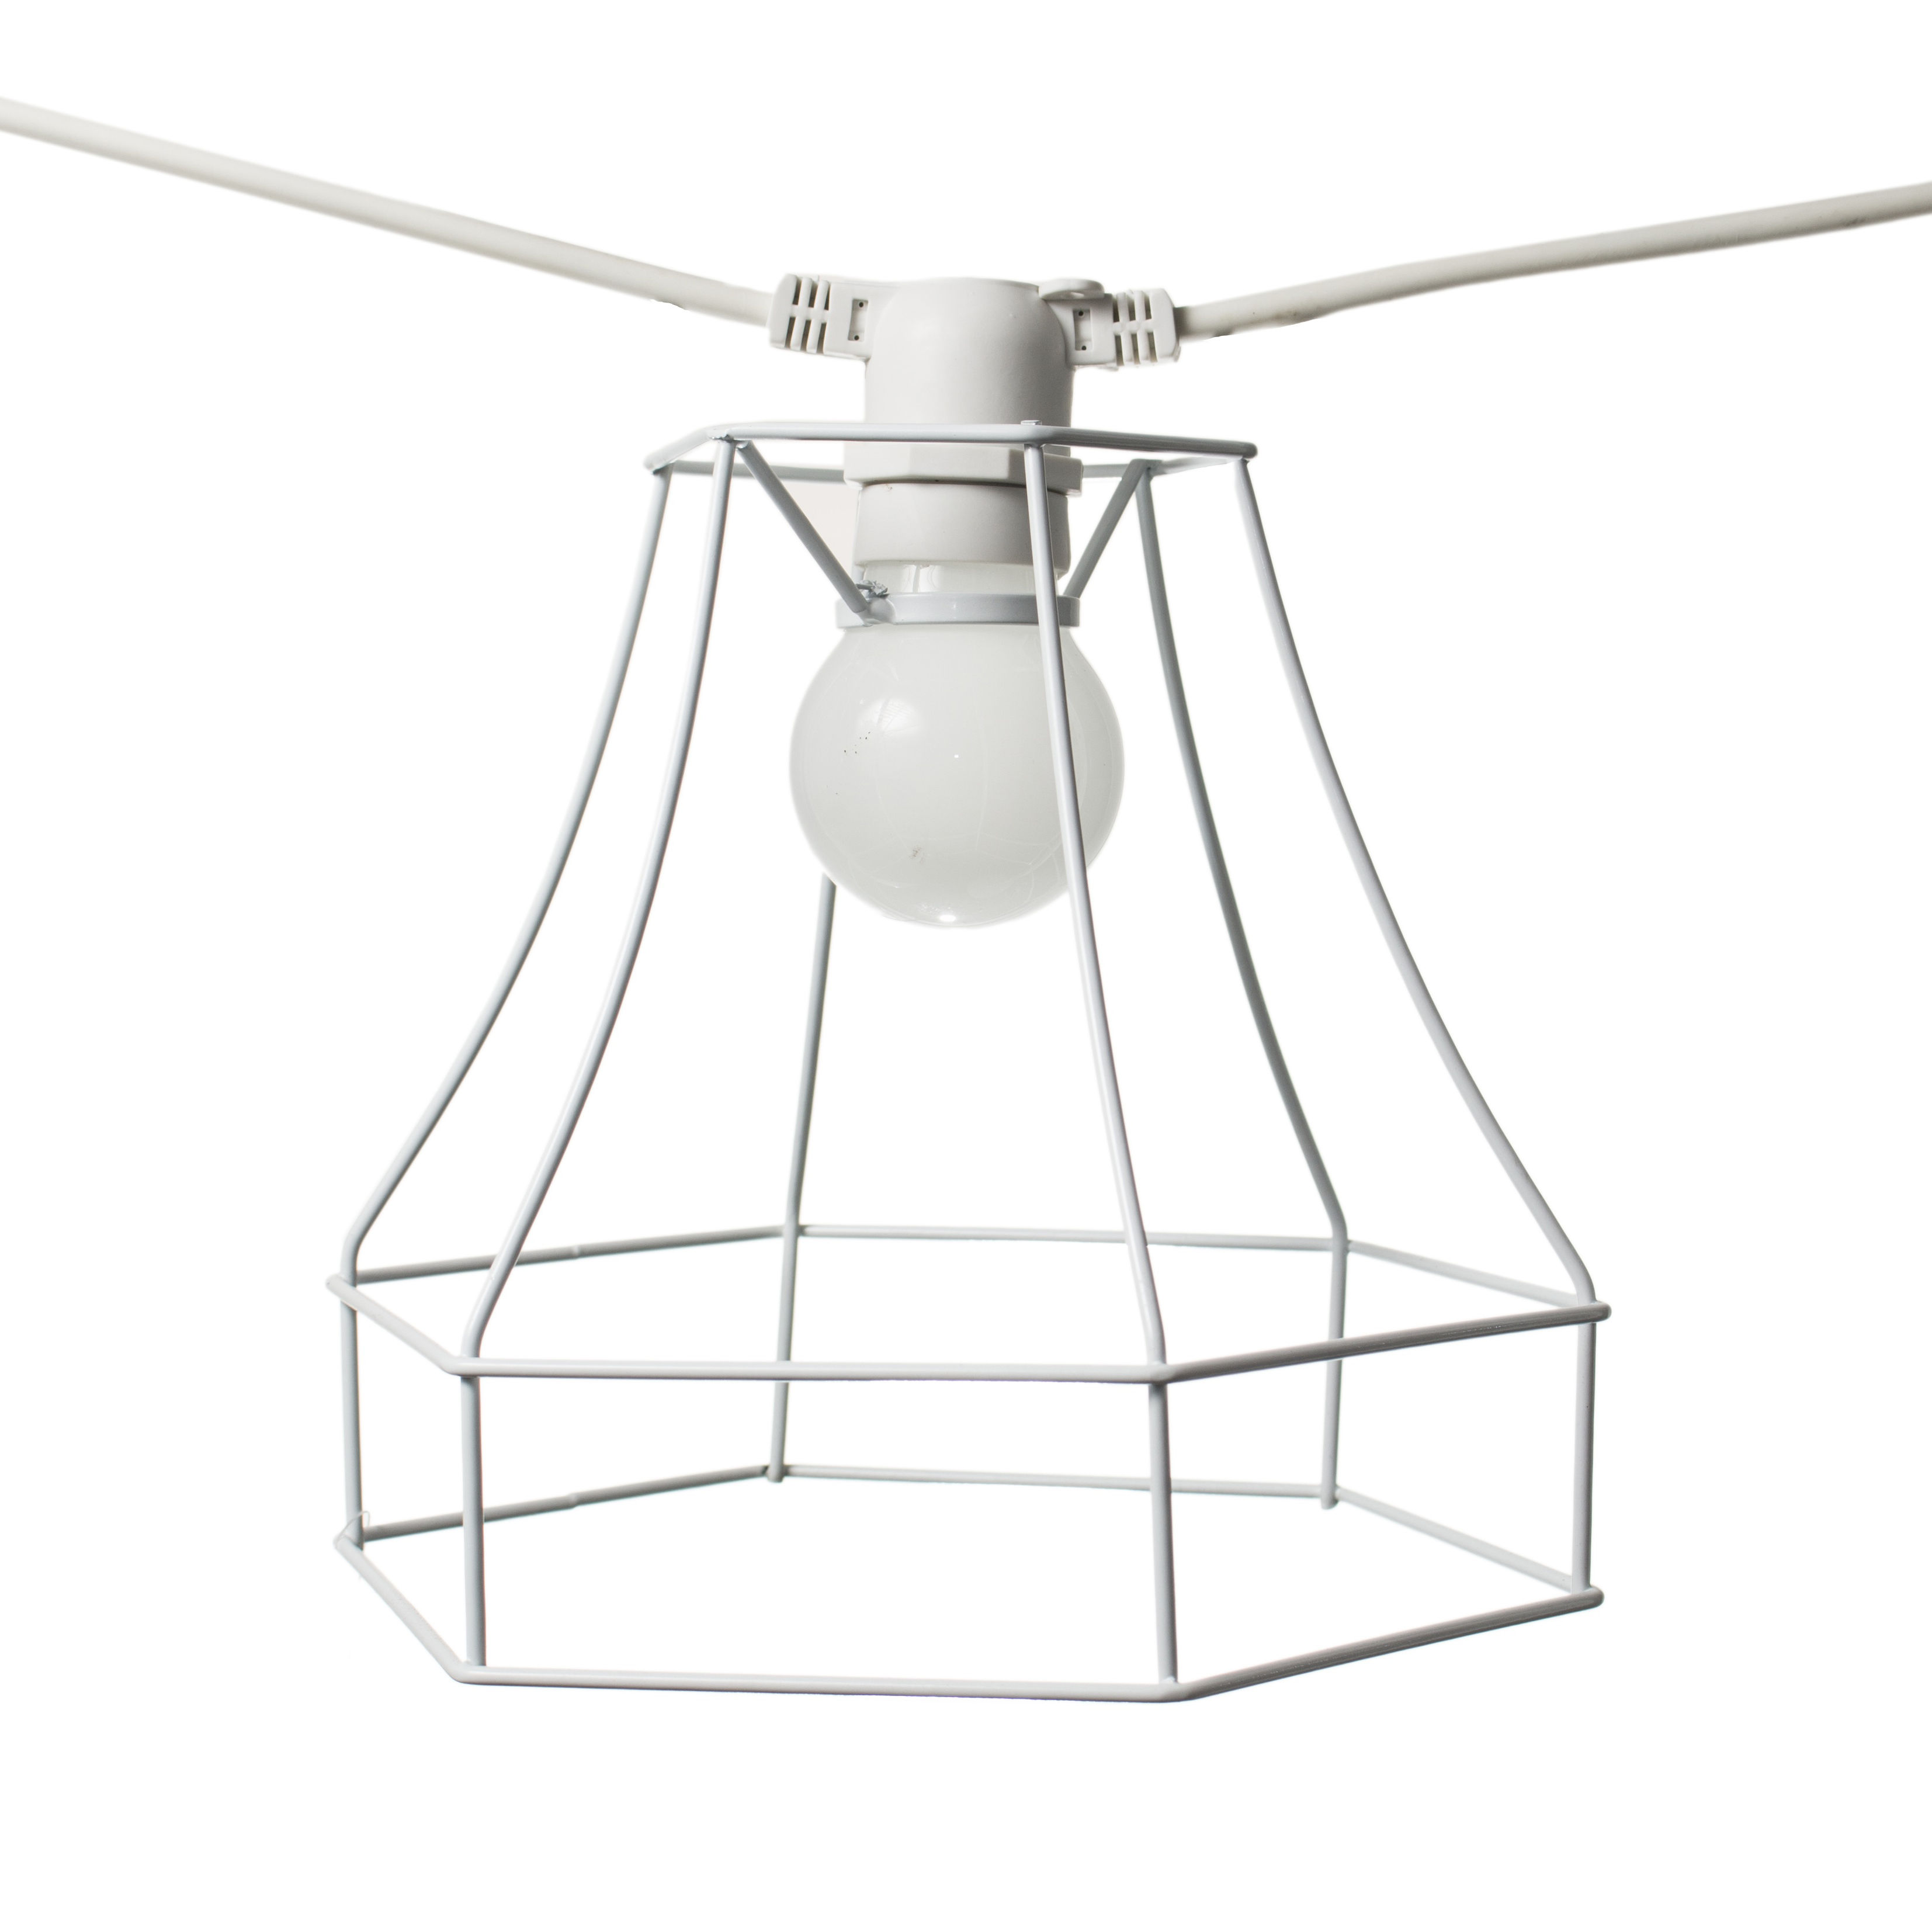 Luminaire - Luminaires d'extérieur - Abat-jour carré / Pour guirlande Bella Vista - Seletti - Carré - Blanc - Métal peint